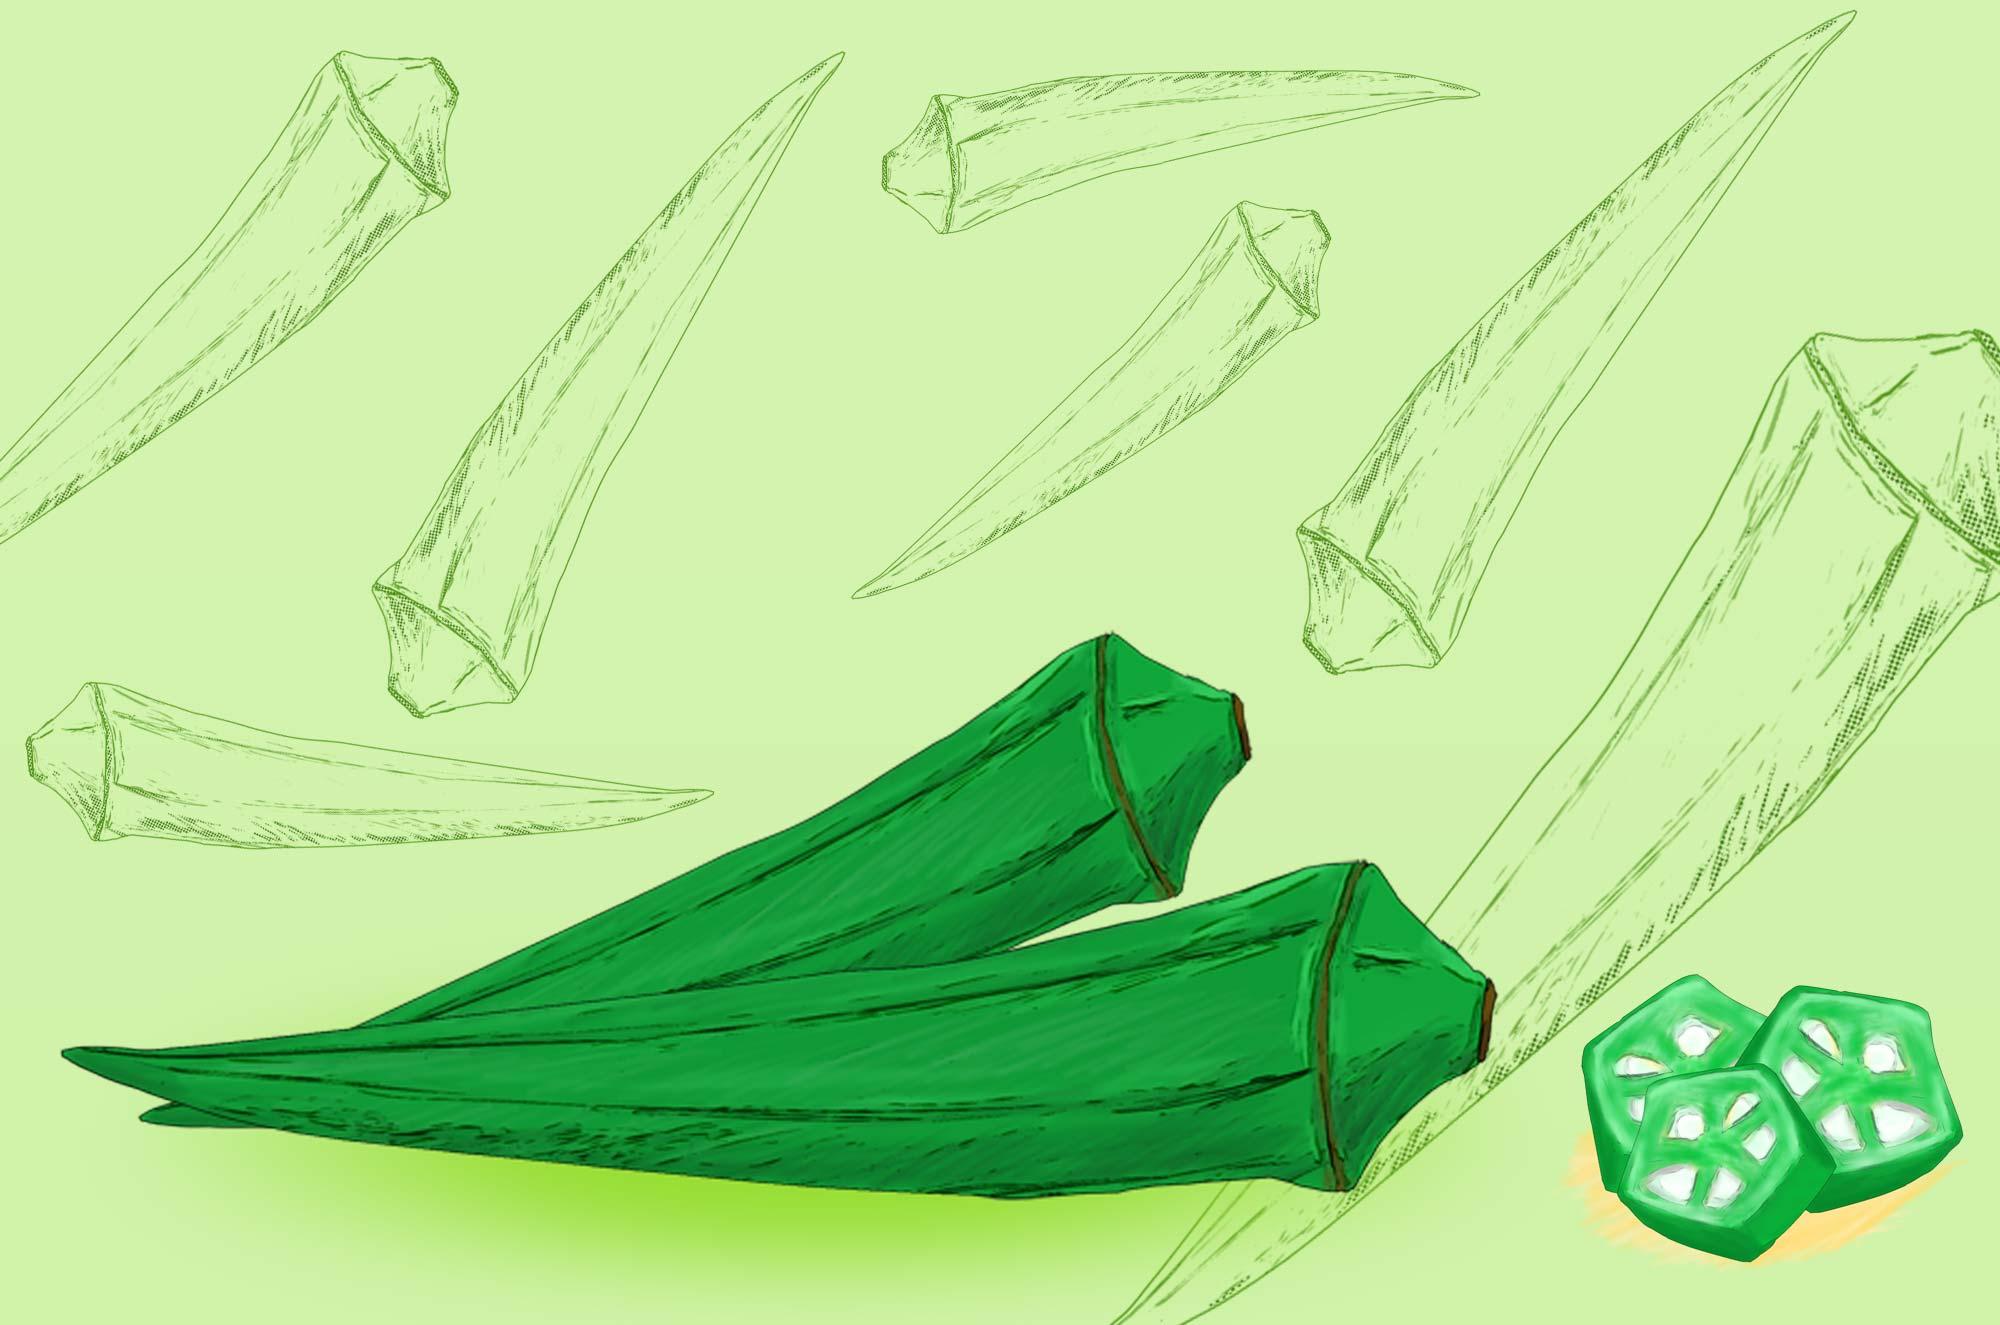 オクラのイラスト - 新鮮な手書きの野菜無料素材